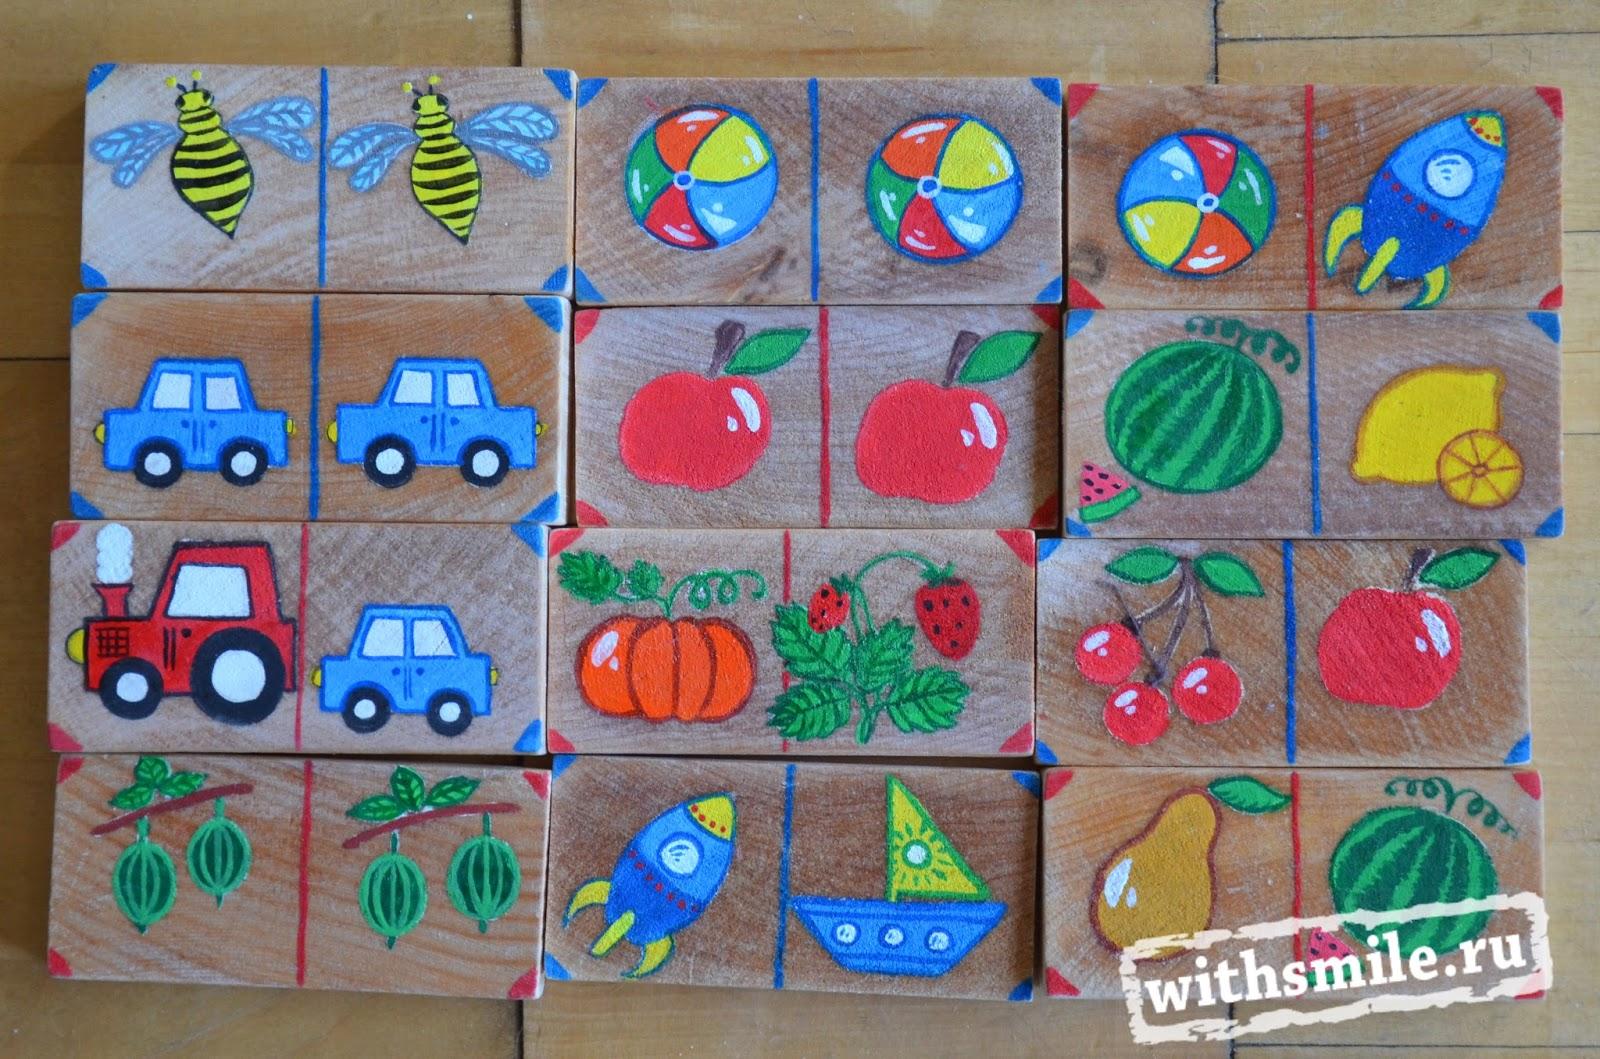 деревянное детское домино, своими руками, для детей, пчела, мячик, машинки, арбуз, яблоко, лимон, крыжовник, тыква, ракета, груша, парусник